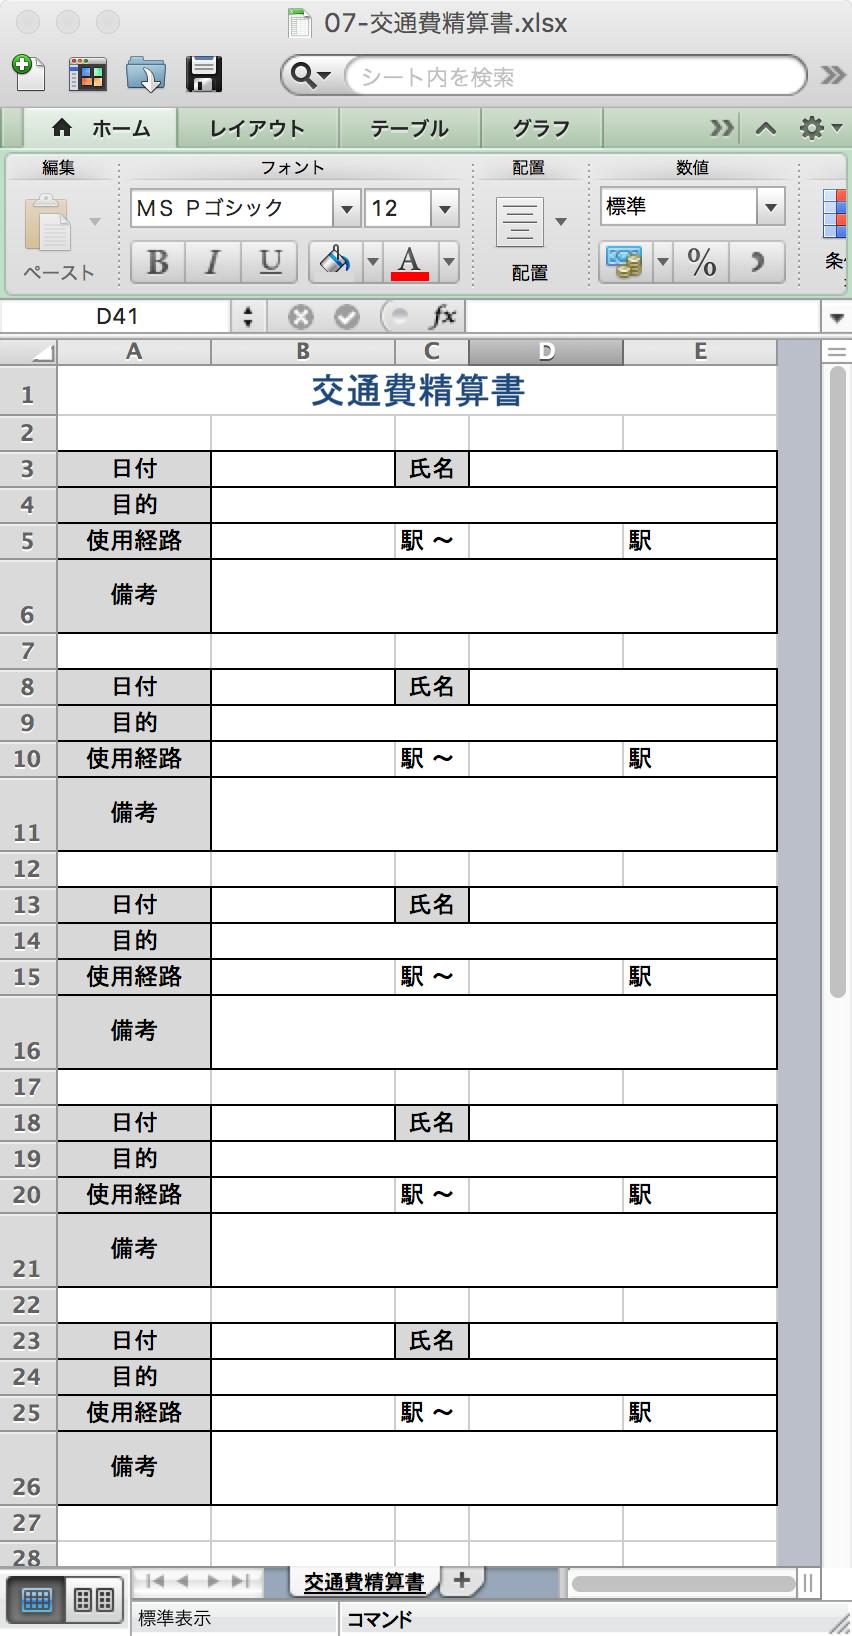 07-交通費精算書_xlsx.png